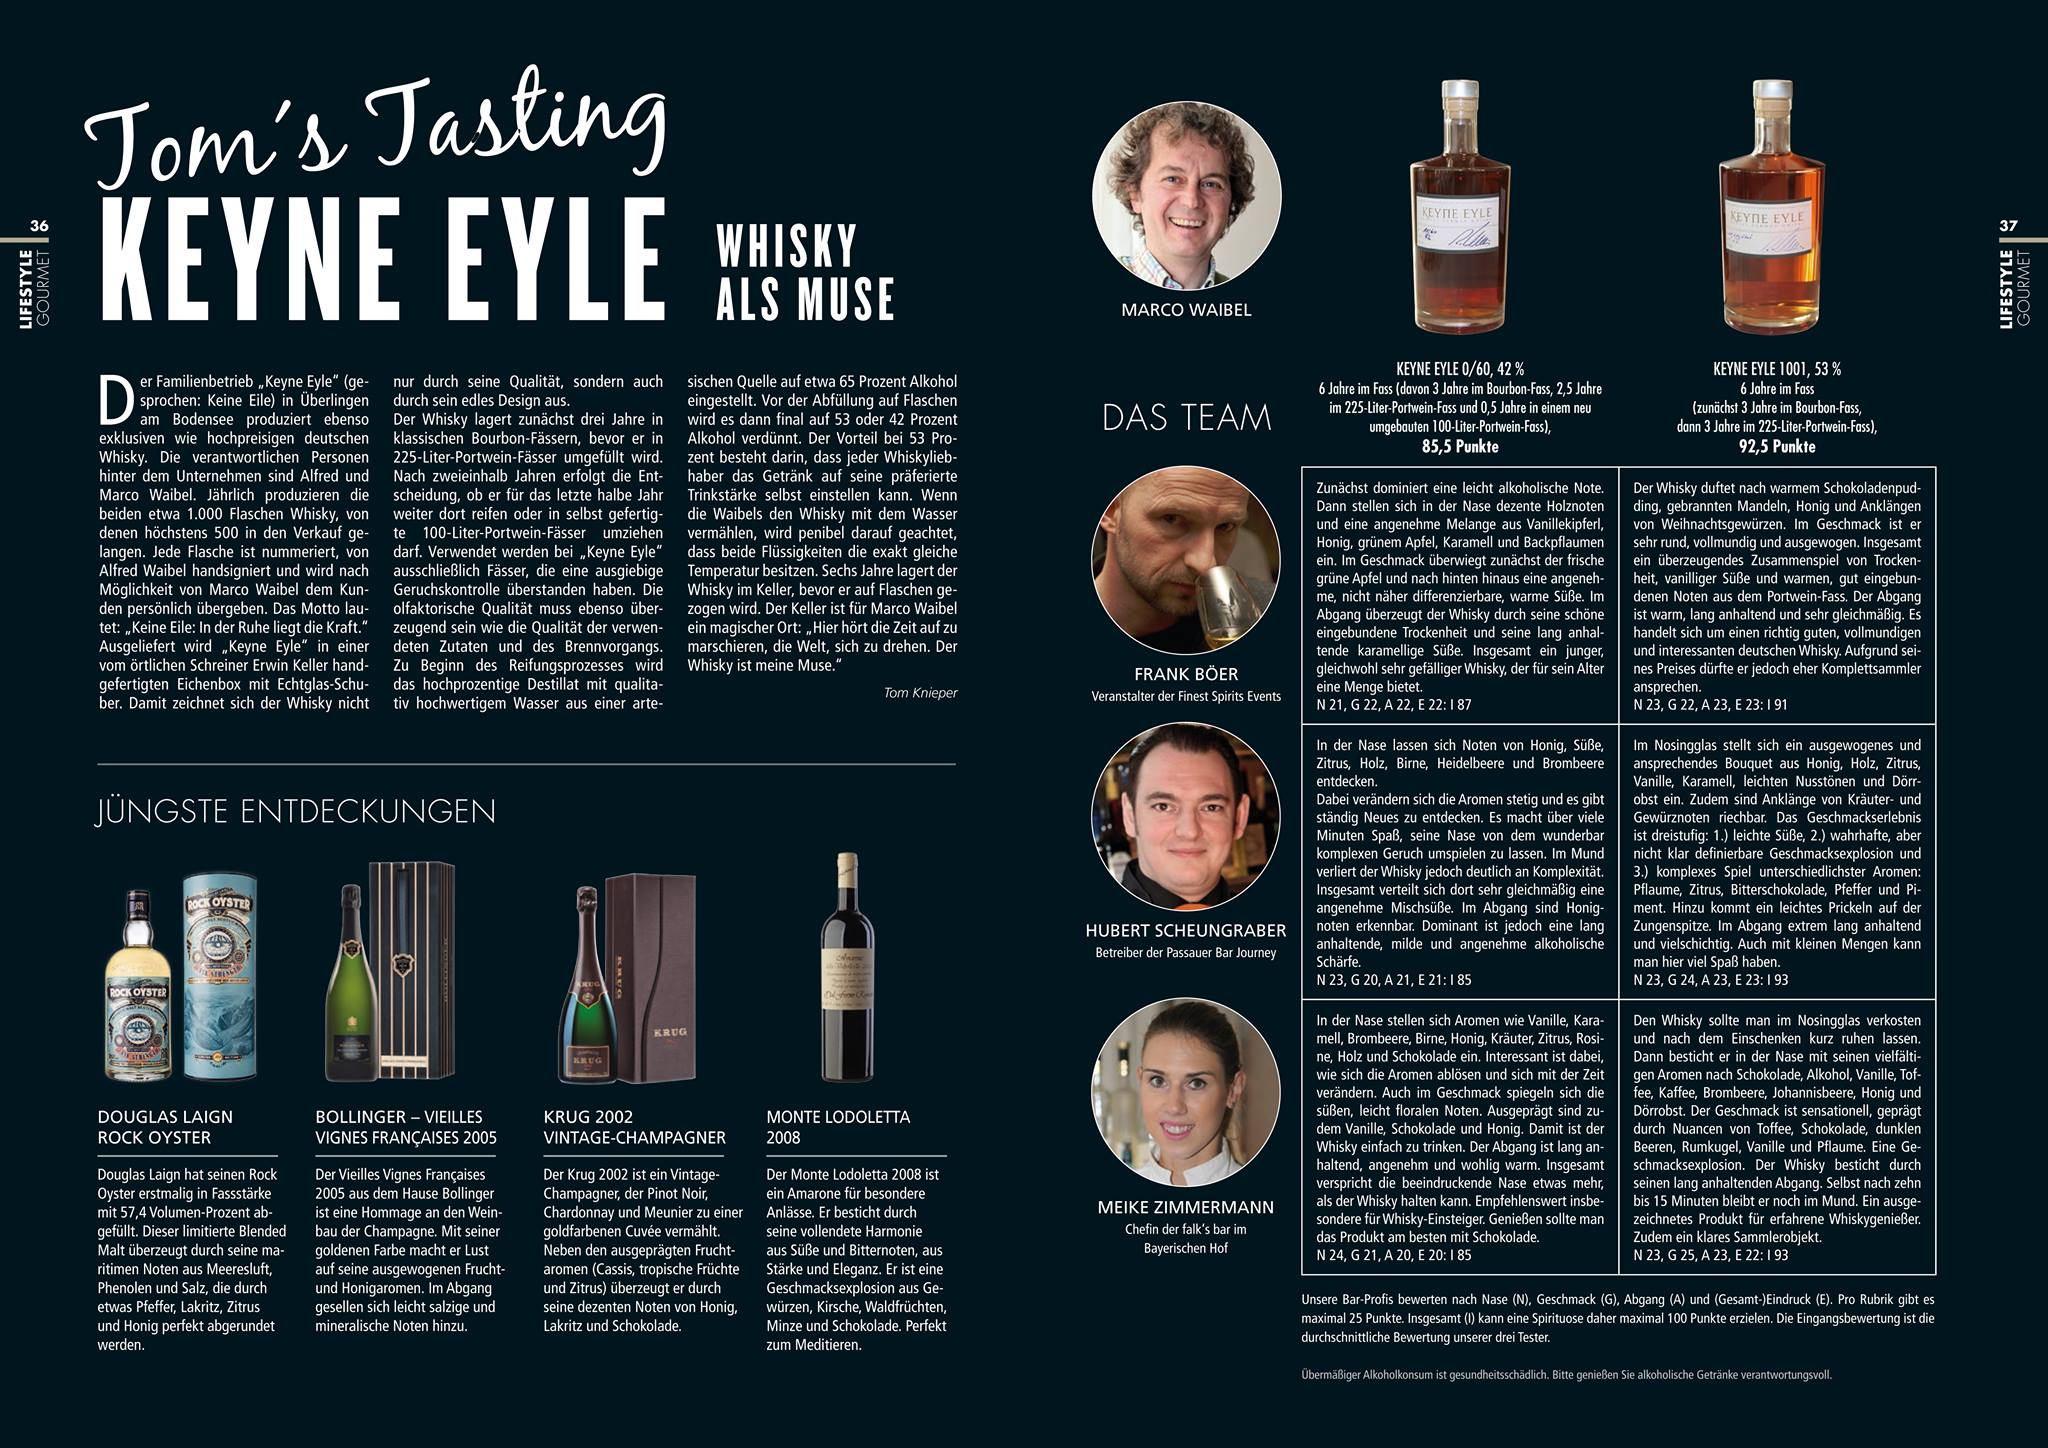 Thomas Knieper: Das neue KIR München mit dem aktuellen Tasting ist erschienen. Dieses Mal wurde der deutsche Bodensee-Whisky Keyne Eyle ausführlich bewertet.